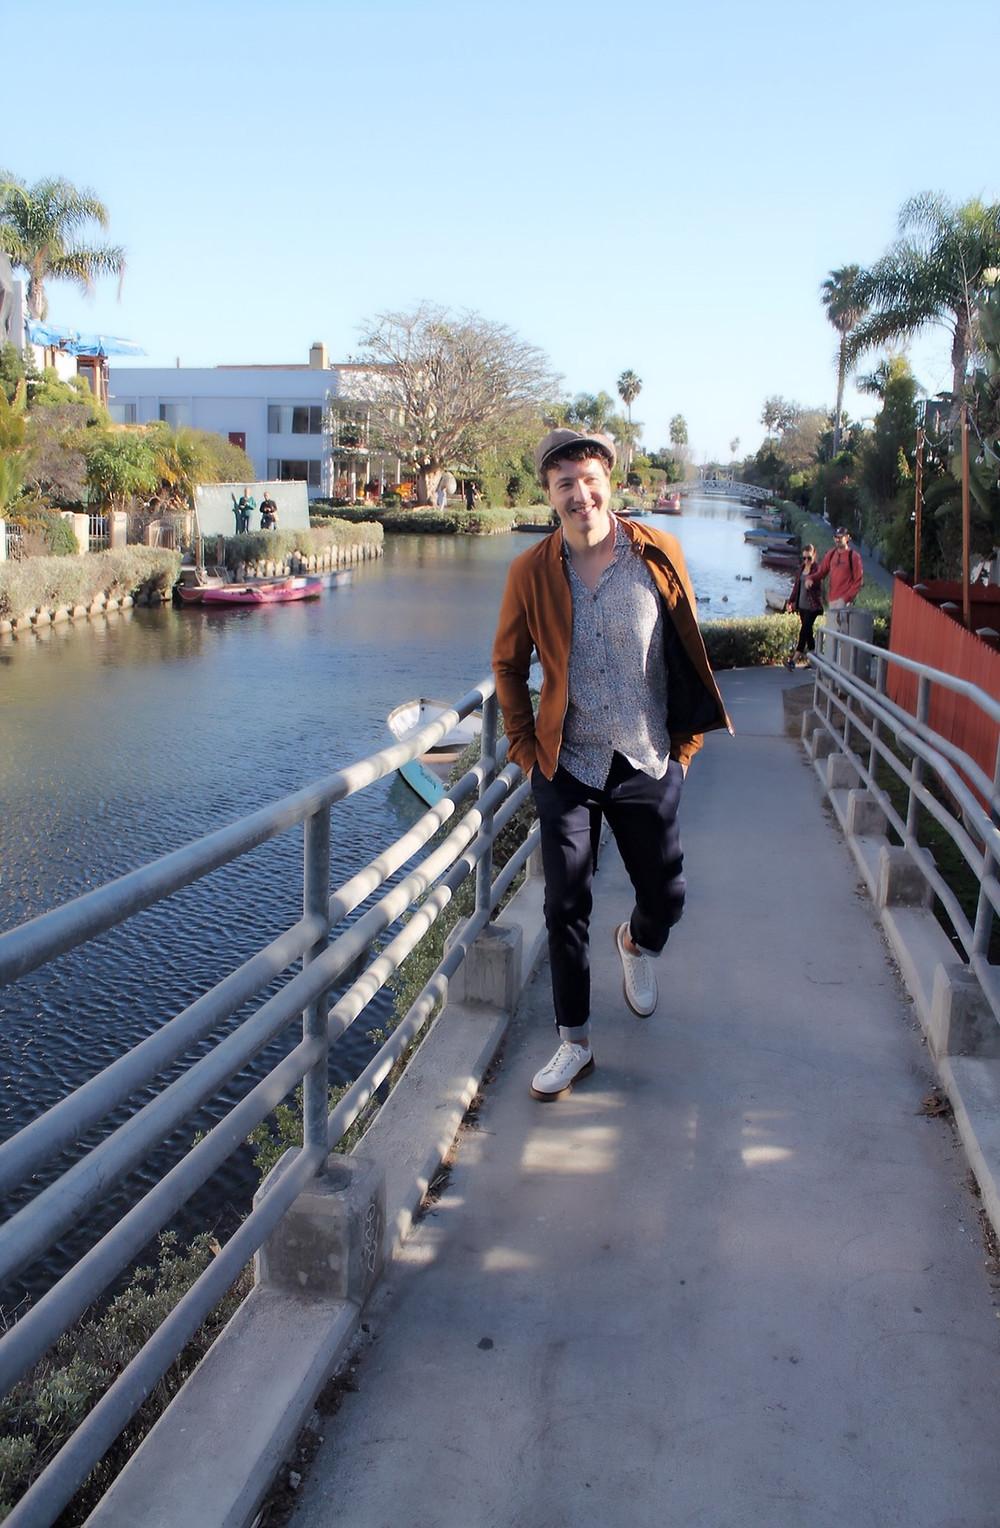 The trendy Man paseando por Venice, Los Angeles